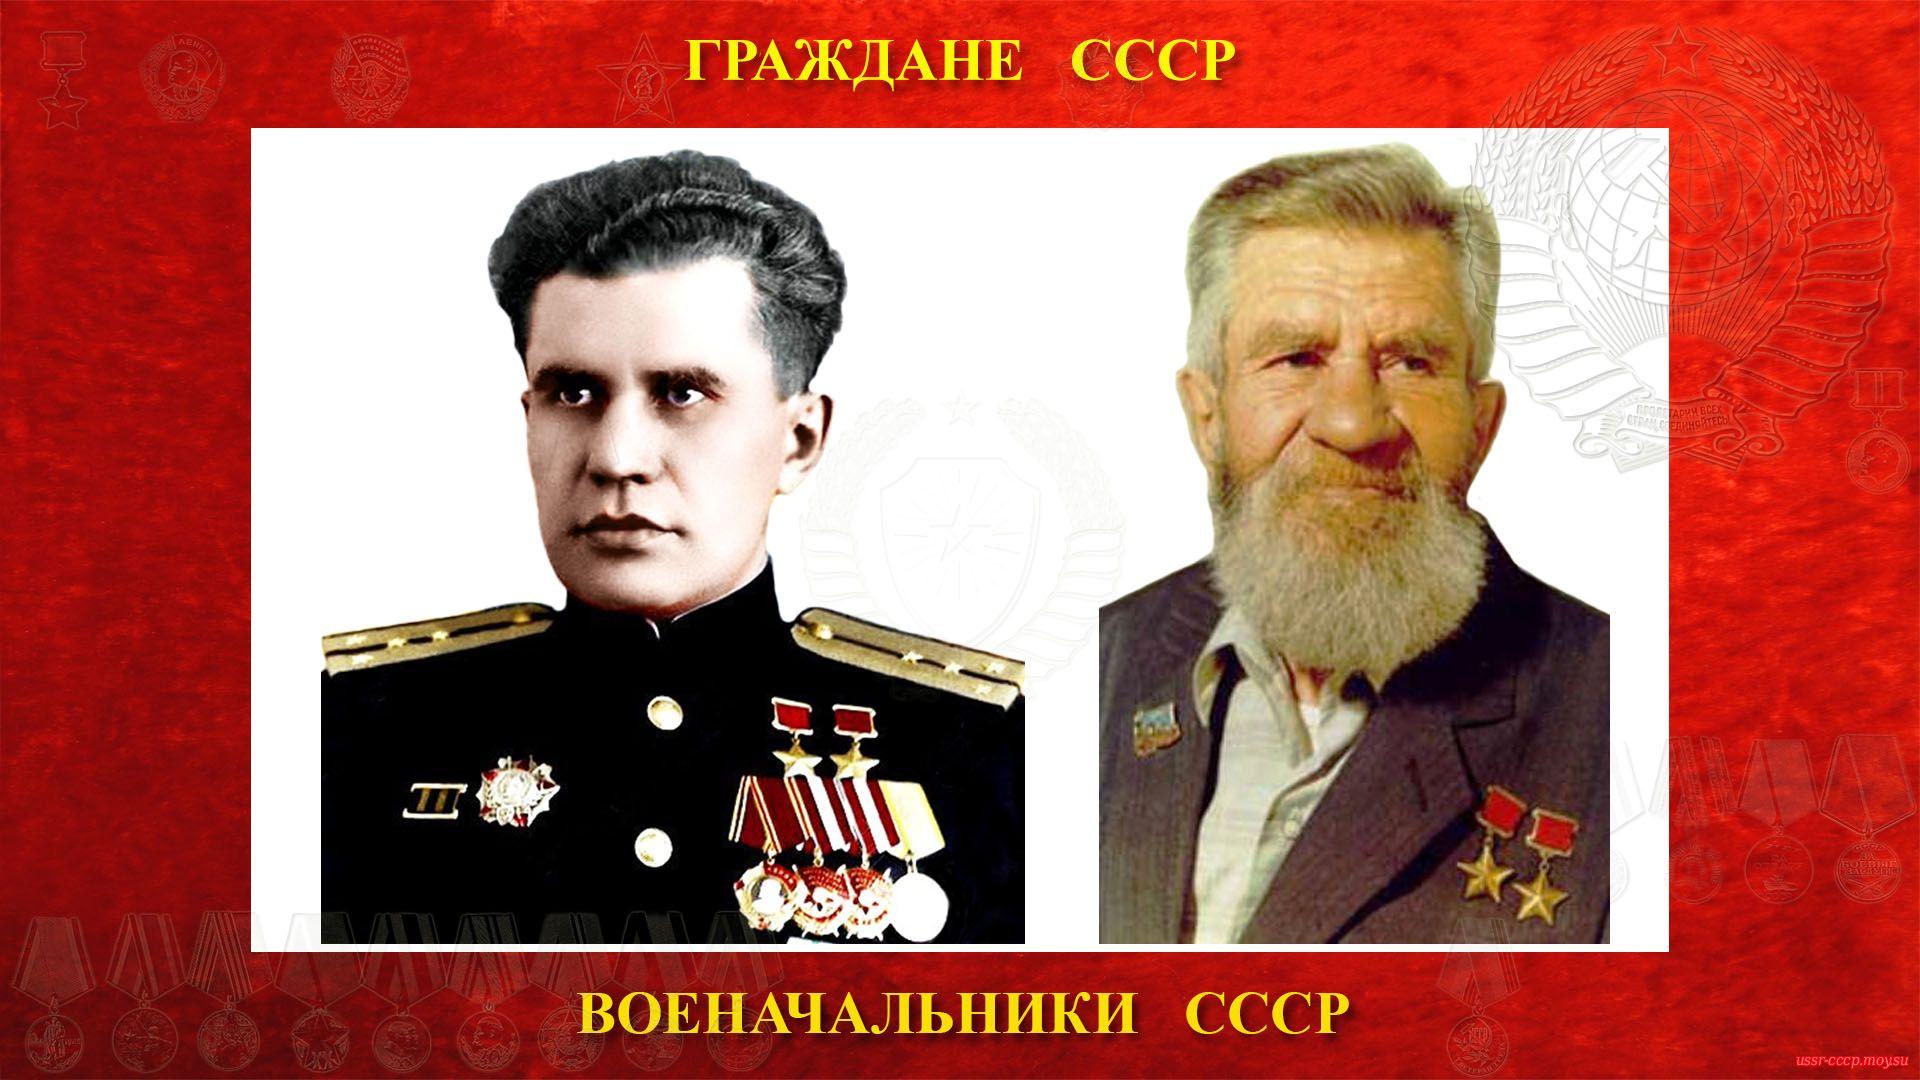 Леонов Виктор Николаевич— Советский военачальник СССР — Капитан 2-го ранга СССР (21.10.1916 — 07.10.2003)